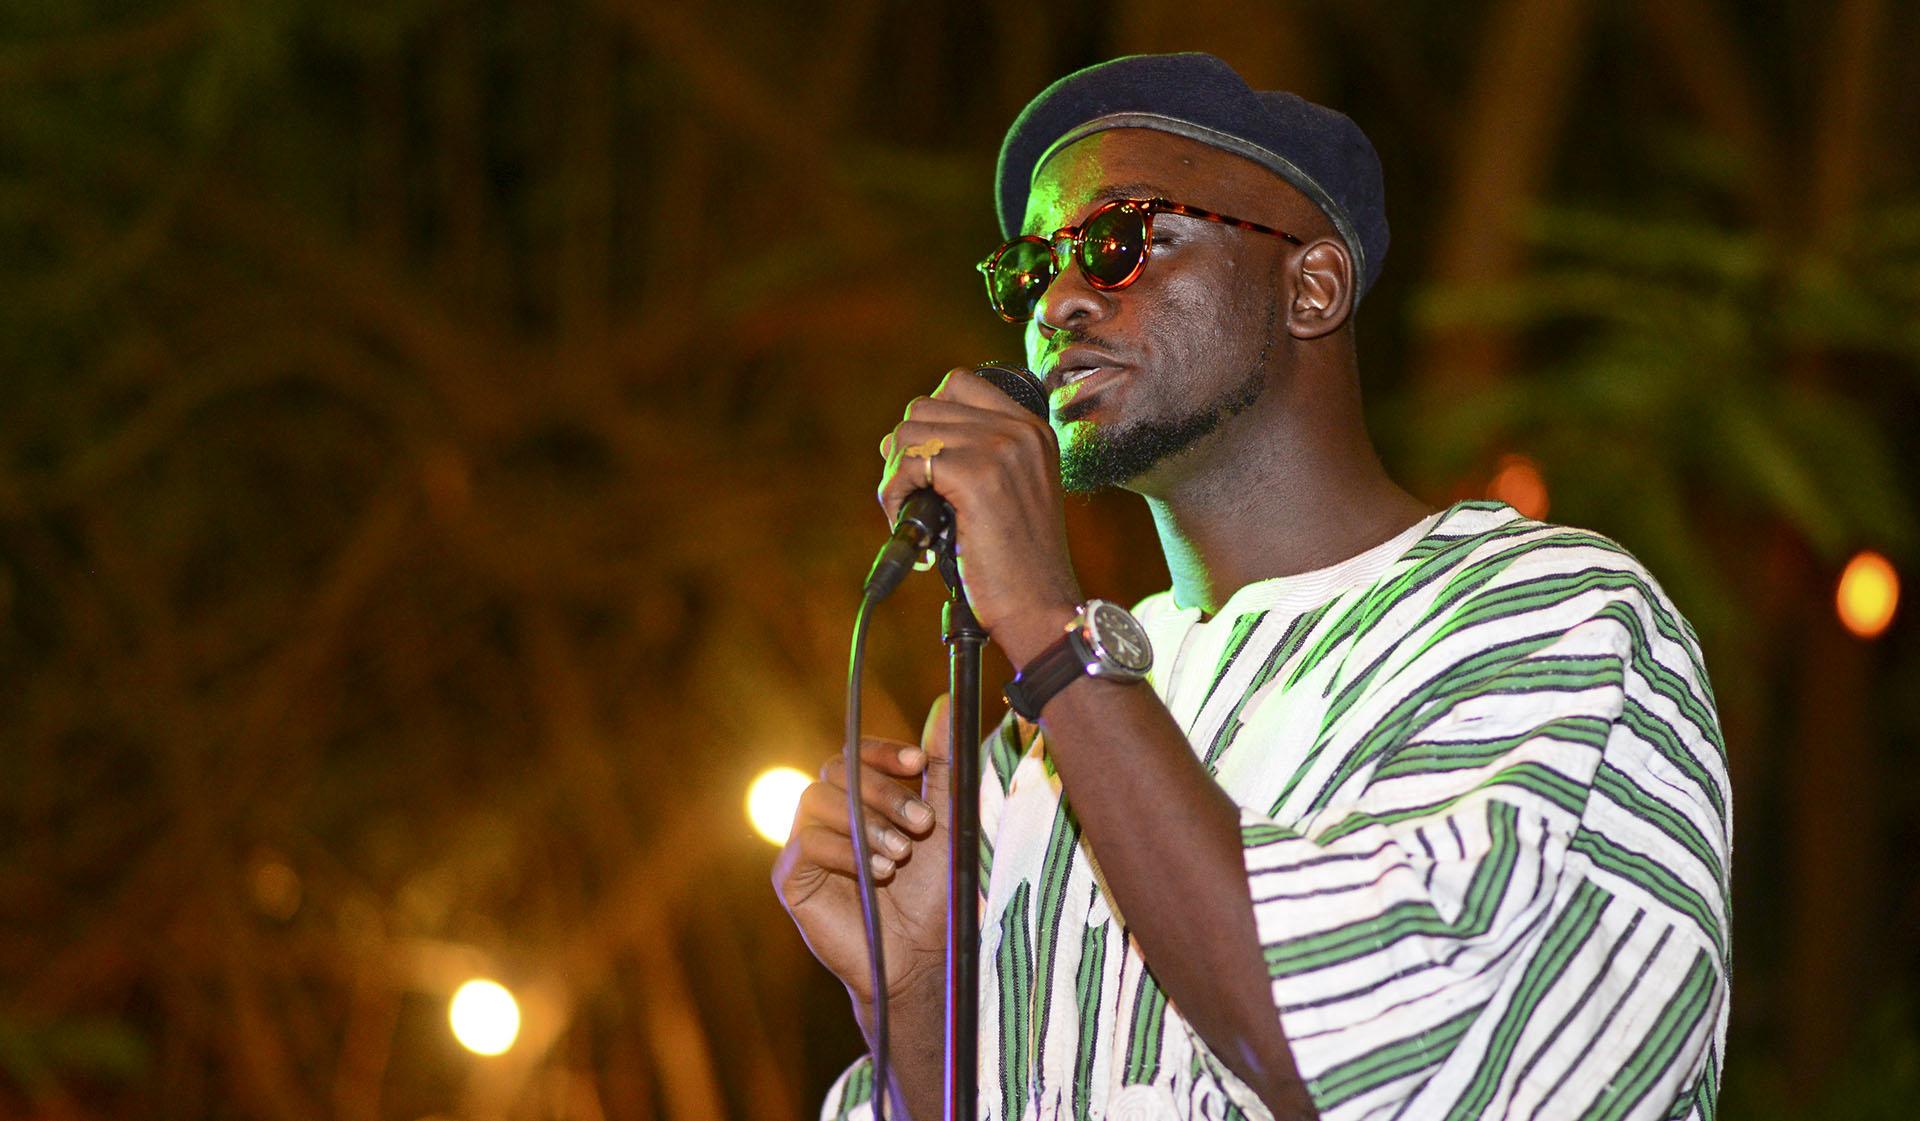 Avit, performing at his album launch